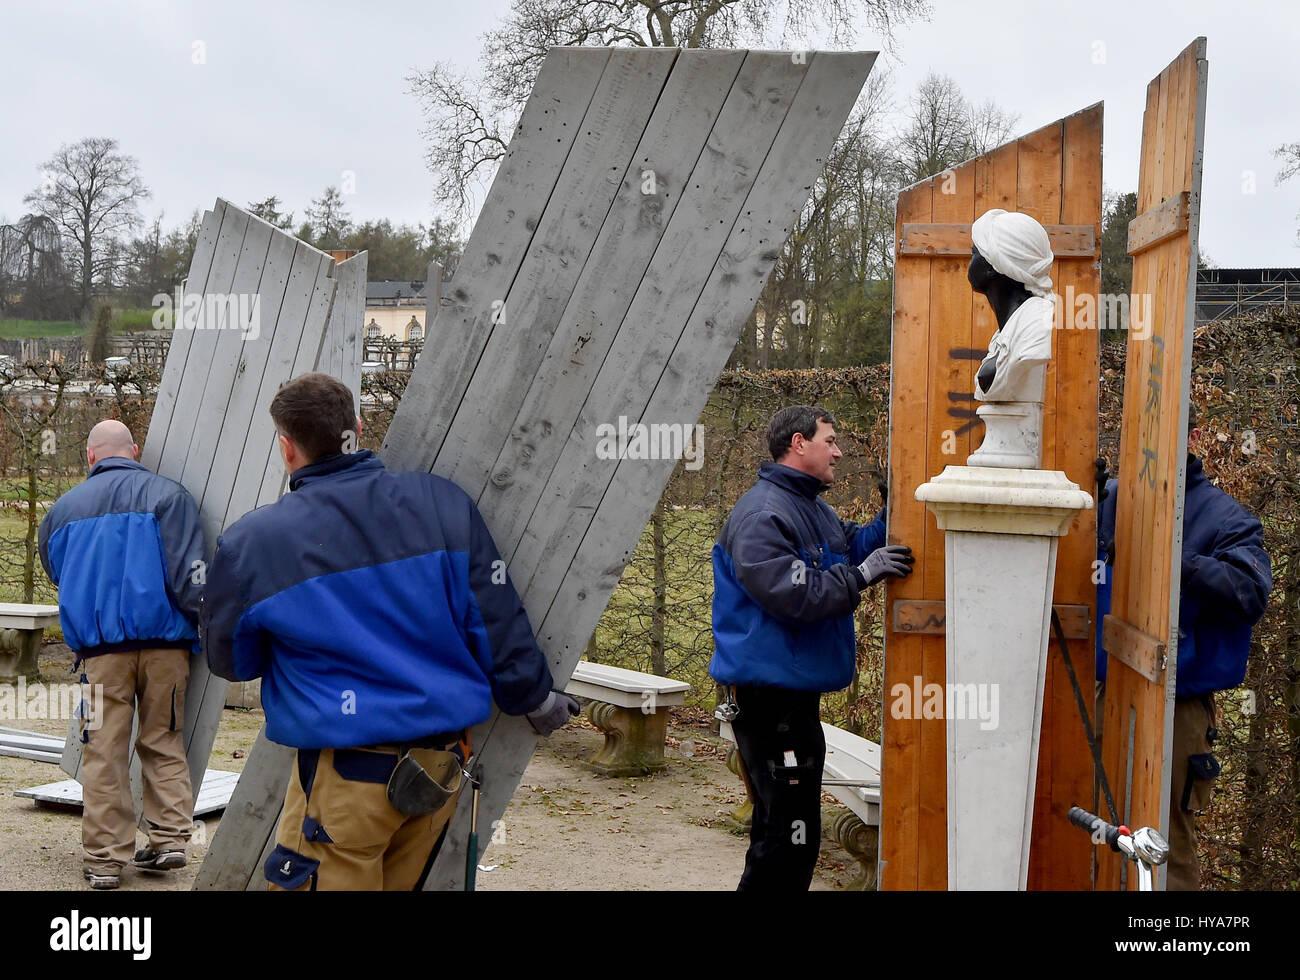 Tischler Potsdam potsdam deutschland 3 april 2017 tischler am kabelbaum yard in